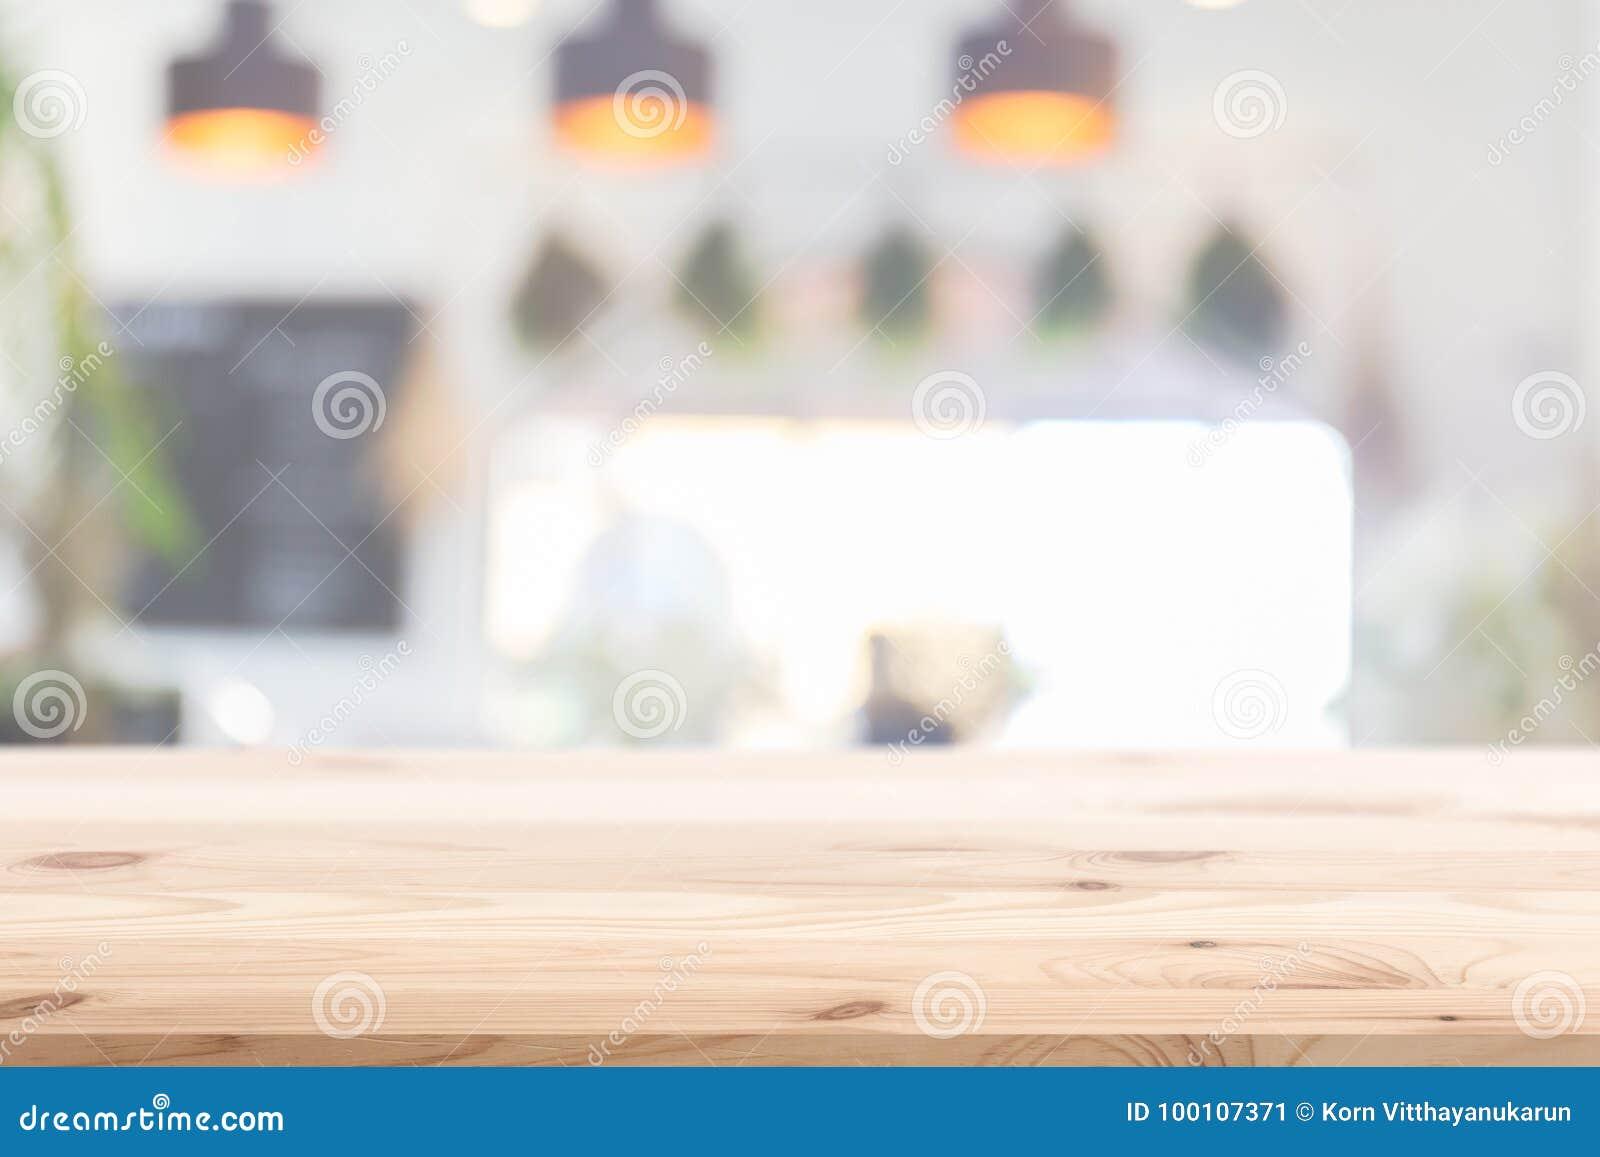 木桌前景有迷离家咖啡馆厨房背景